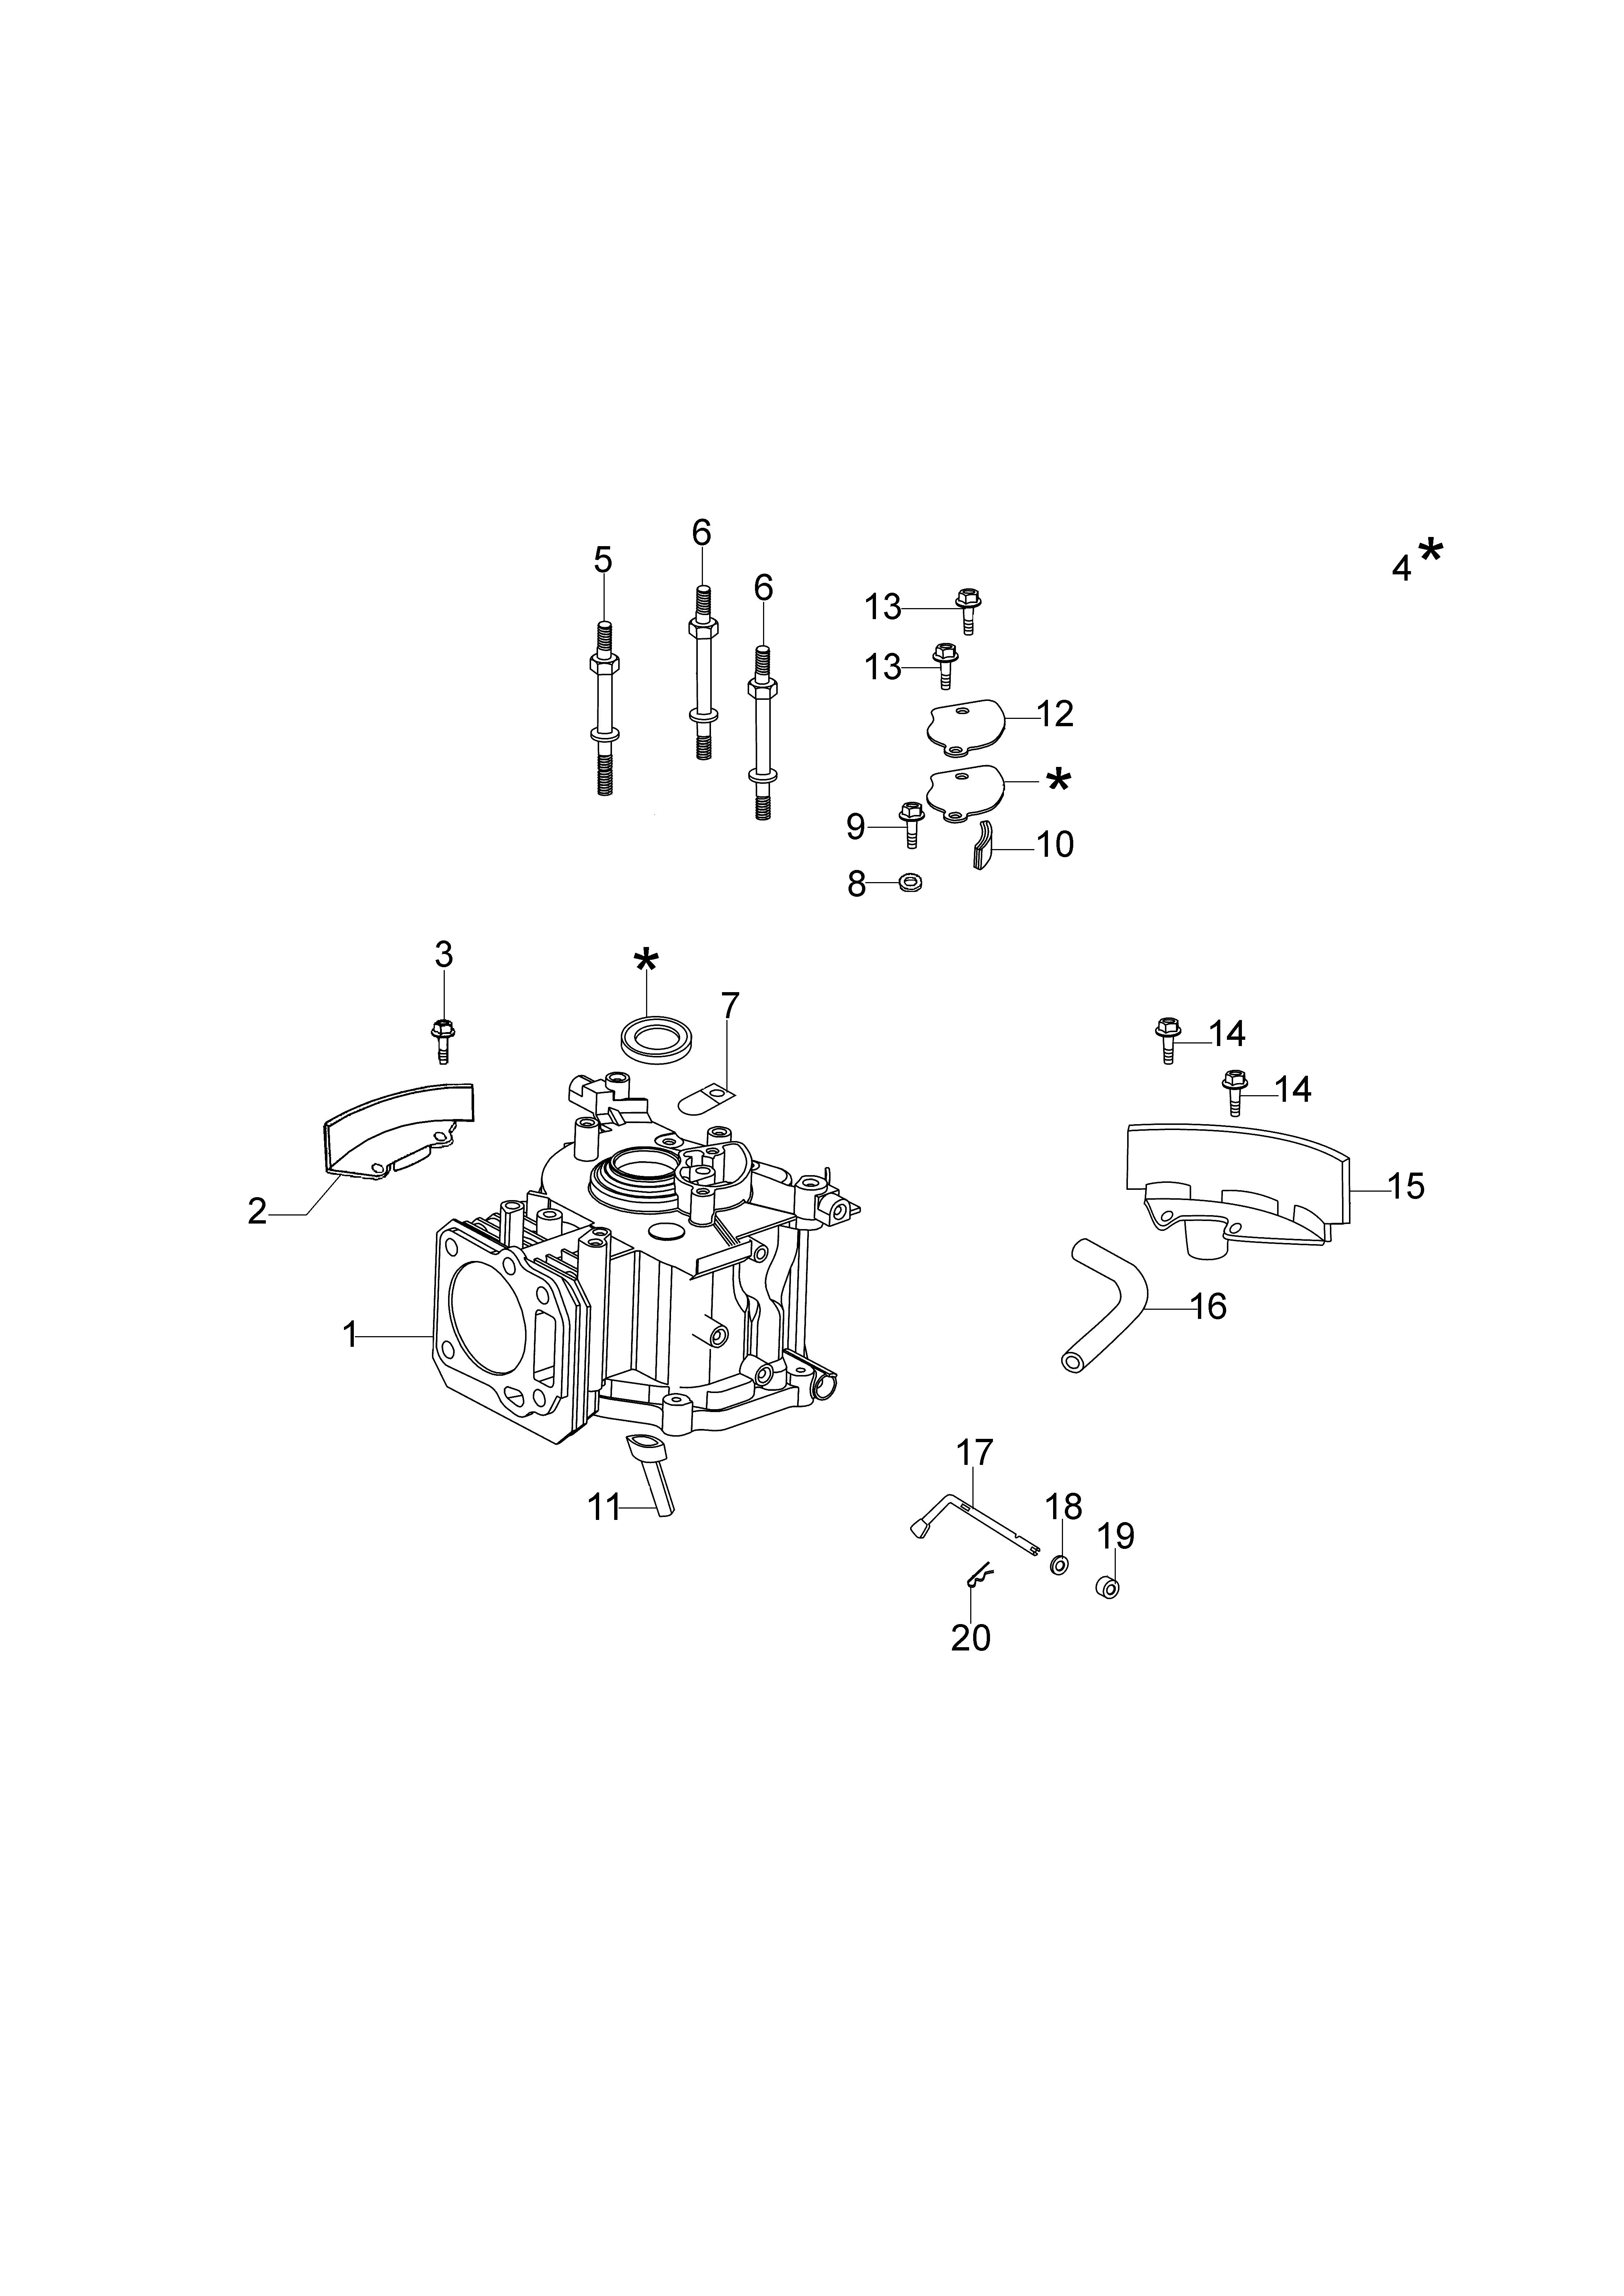 MOTEUR K50 emak Dessins pièces - Cylindre et soubassement